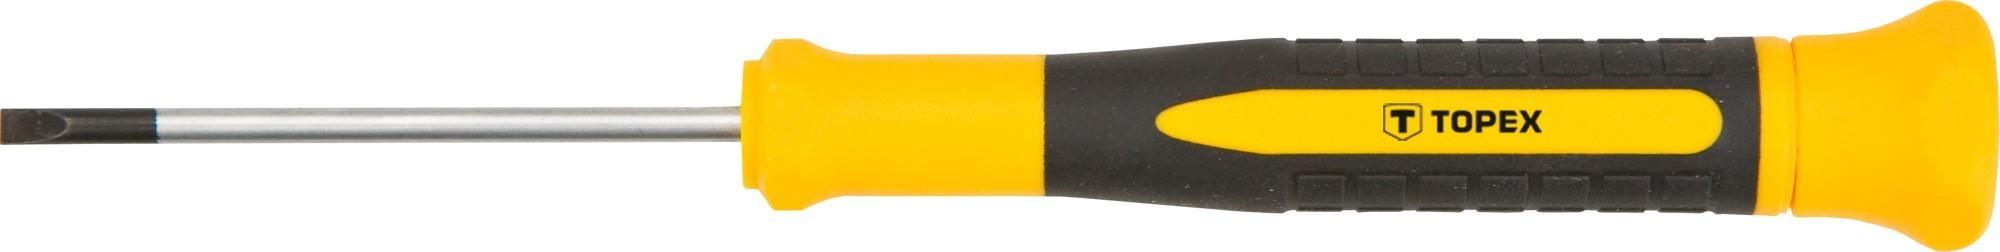 Mûszerész csavarhúzó 2,5 mm x 135 mm | TOPEX 39D771